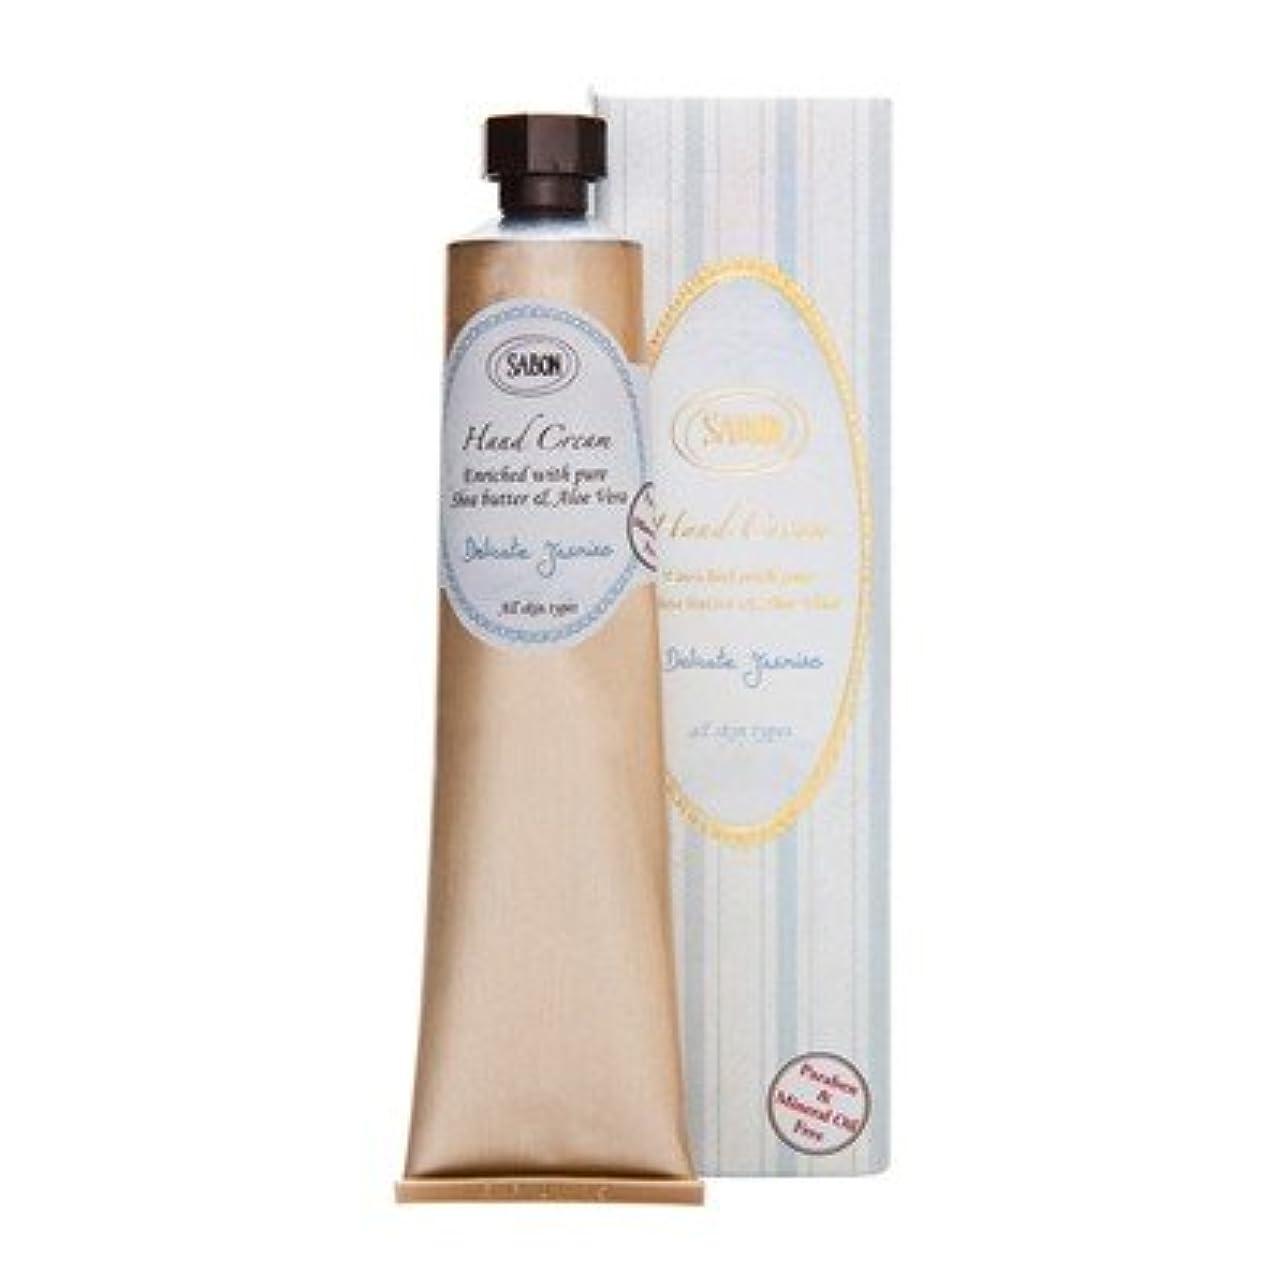 記事不名誉一貫性のない【SABON(サボン)】ハンド クリーム デリケート ジャスミン Hand Cream Delicate Jasmine